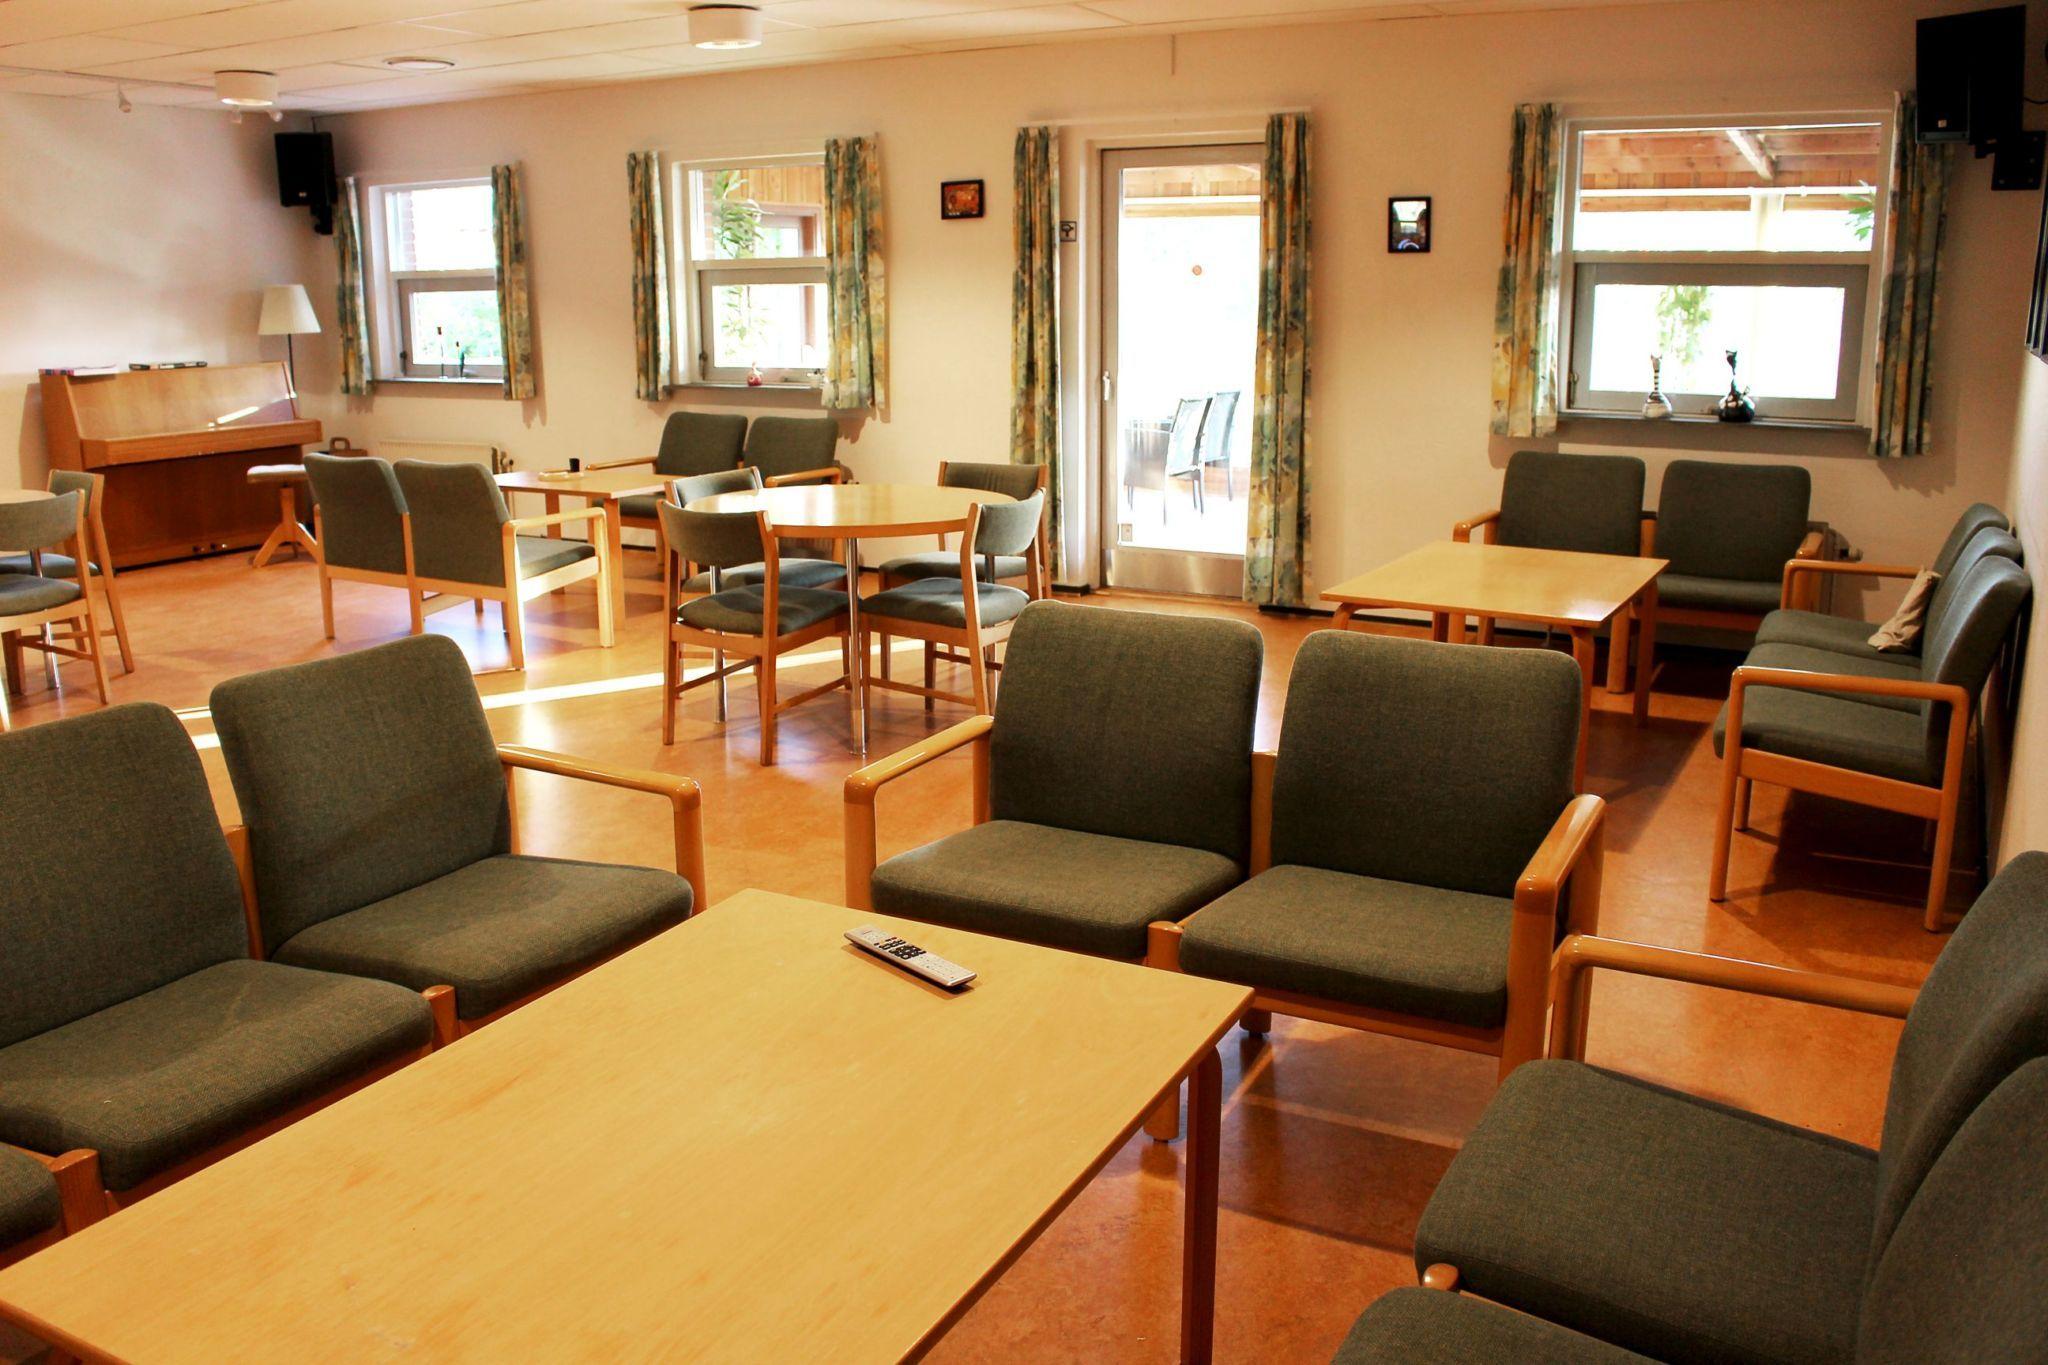 borde og stole hos Aarhushostel